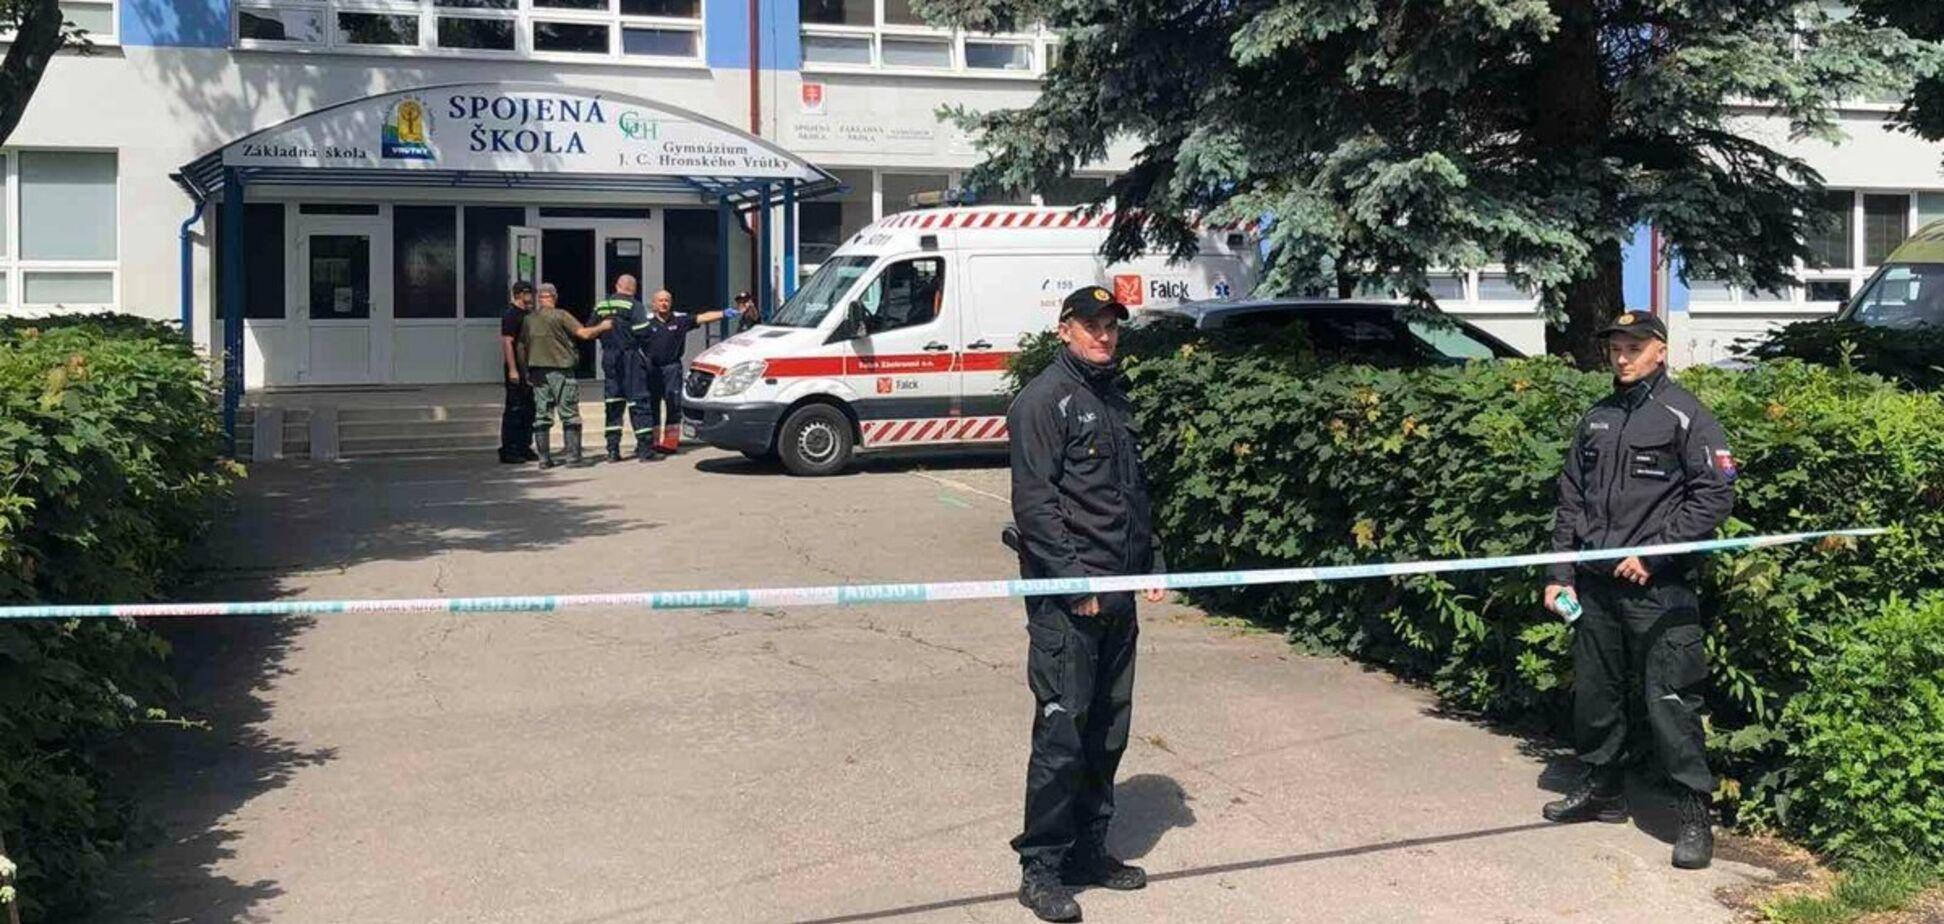 У Словаччині чоловік з ножем напав на школу: є загиблий та поранені діти. Фото і відео